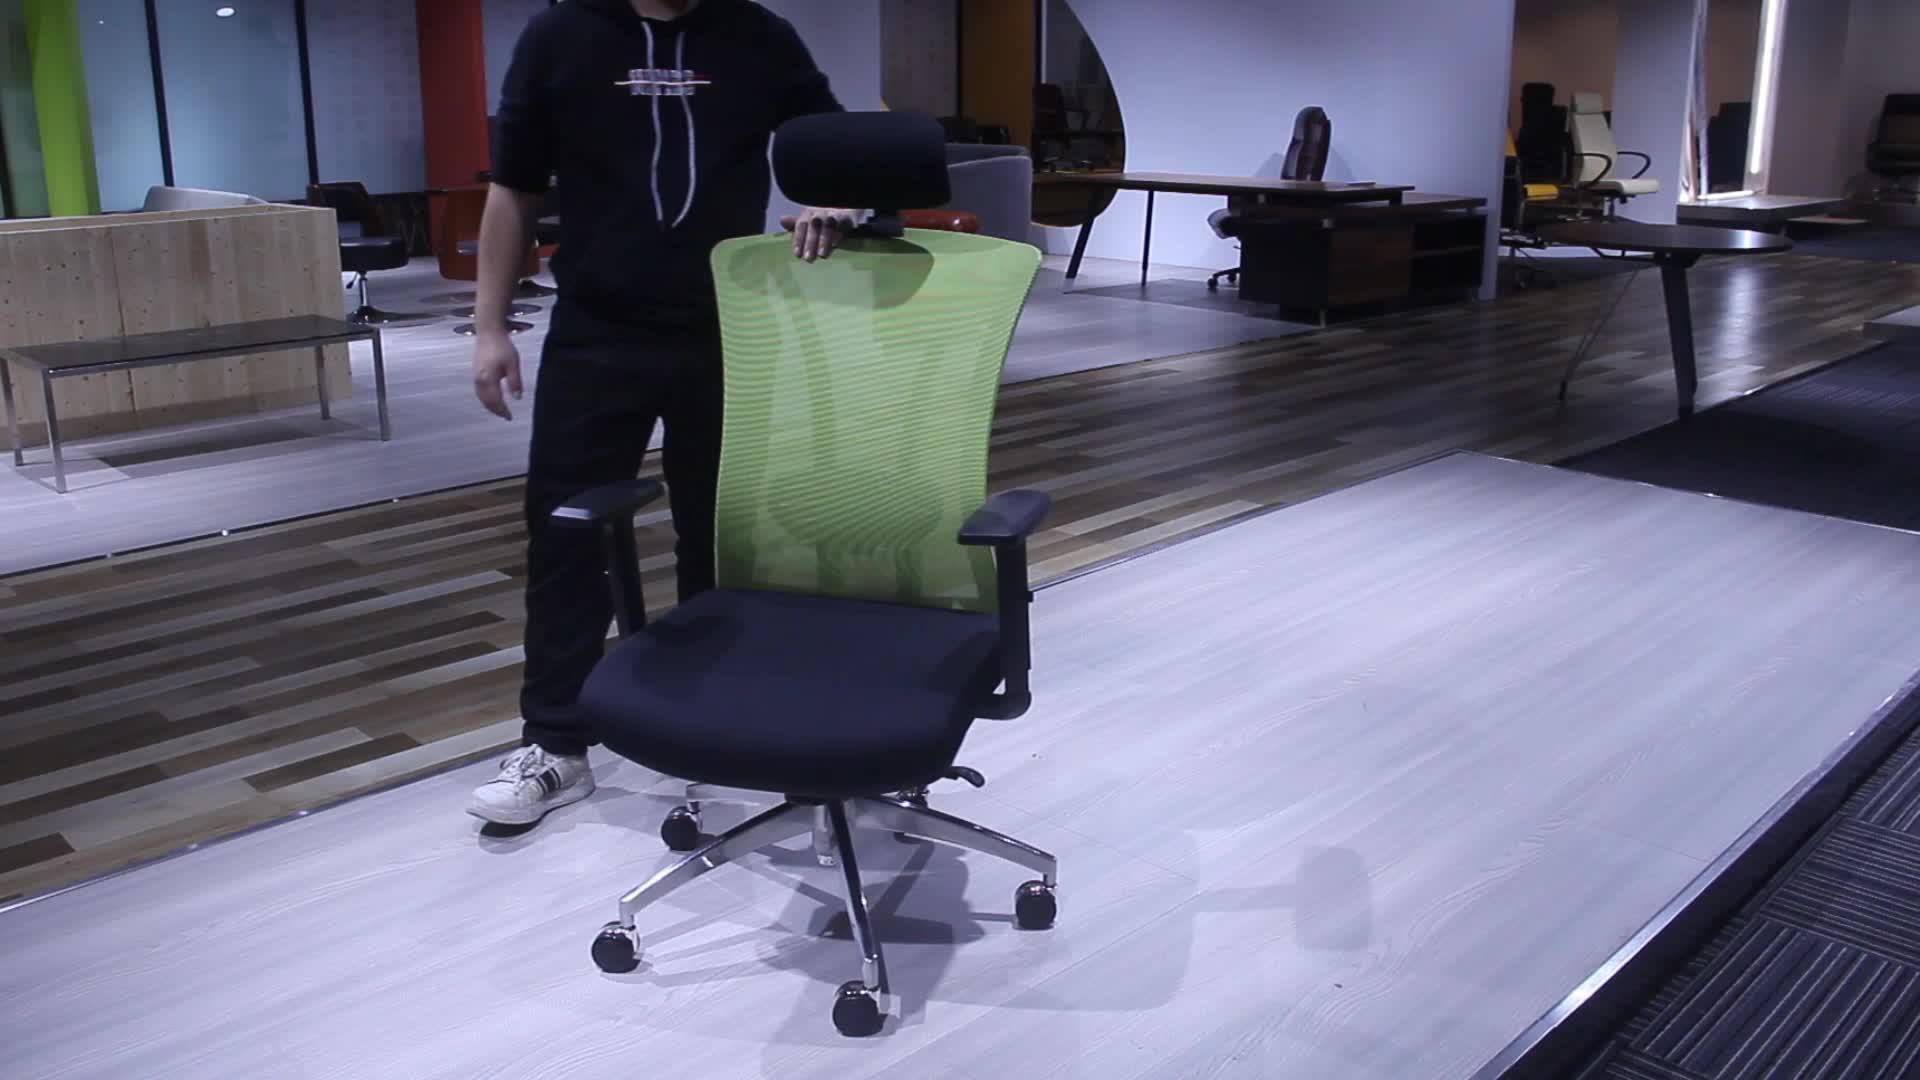 Zeitgenössische swivel boss beste moderne Niedrigen preis hohe zurück luxus ergonomische executive mesh büro stuhl